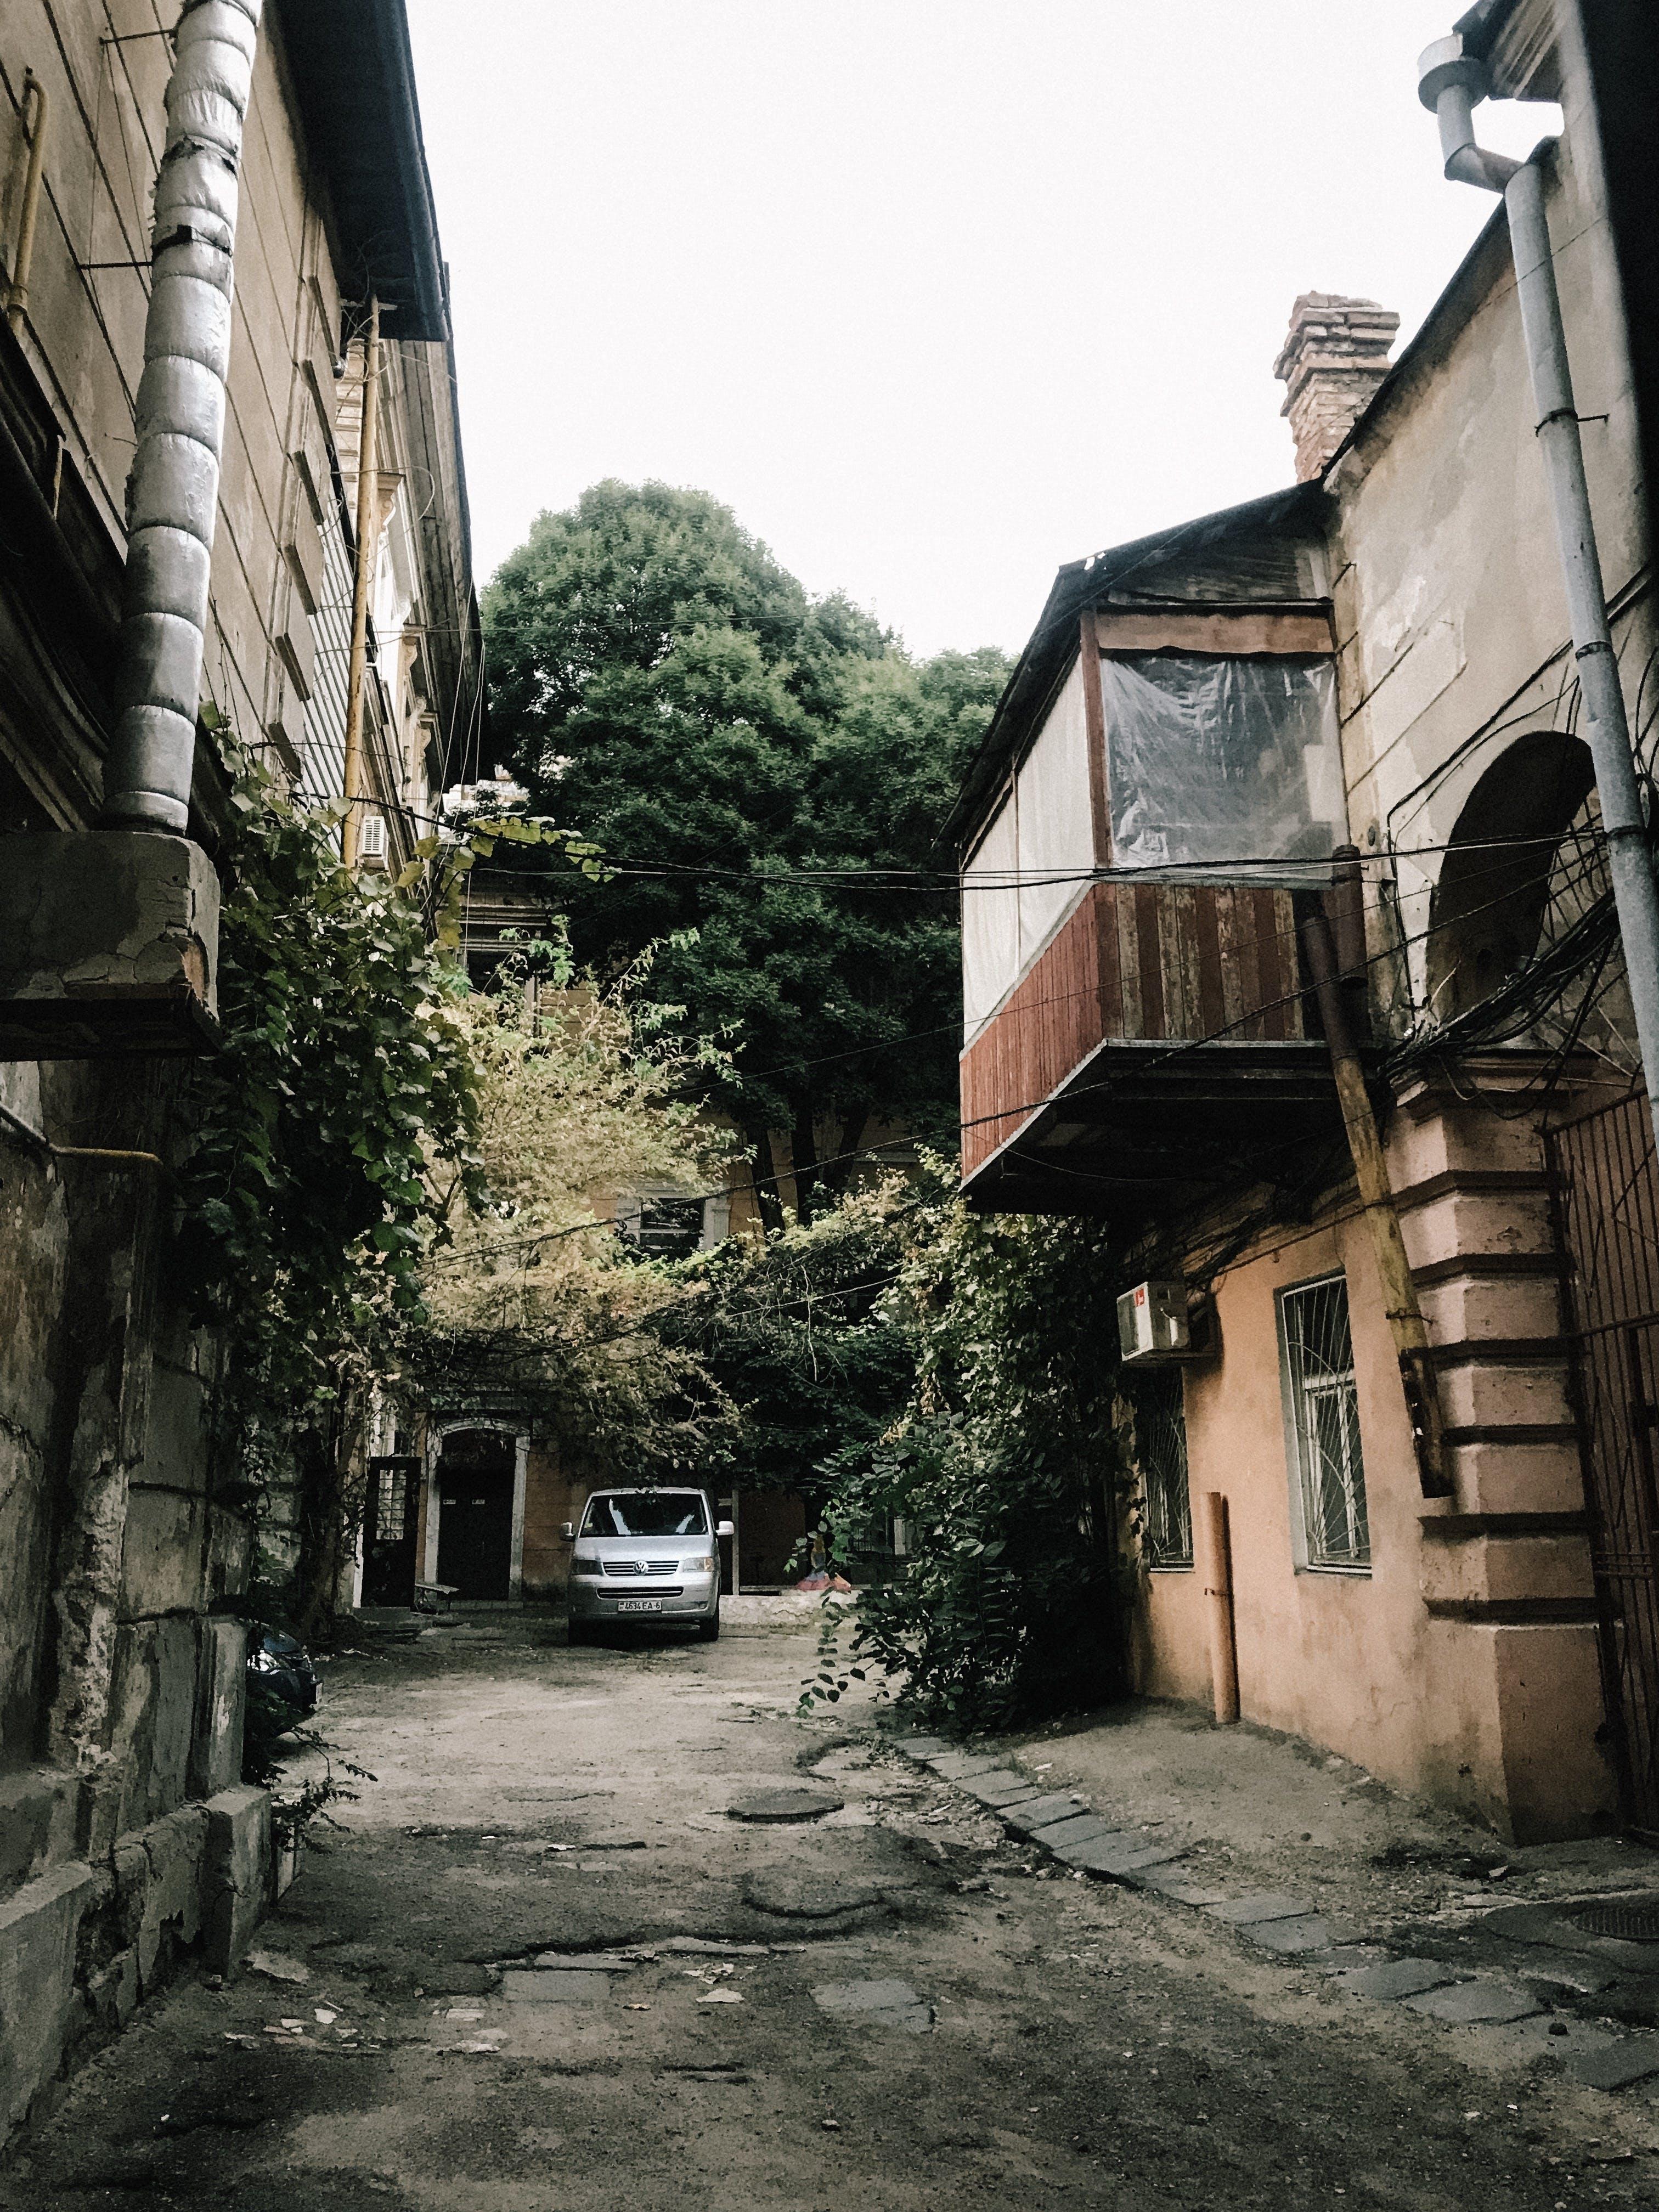 タウン, 壁, 外観, 家の無料の写真素材